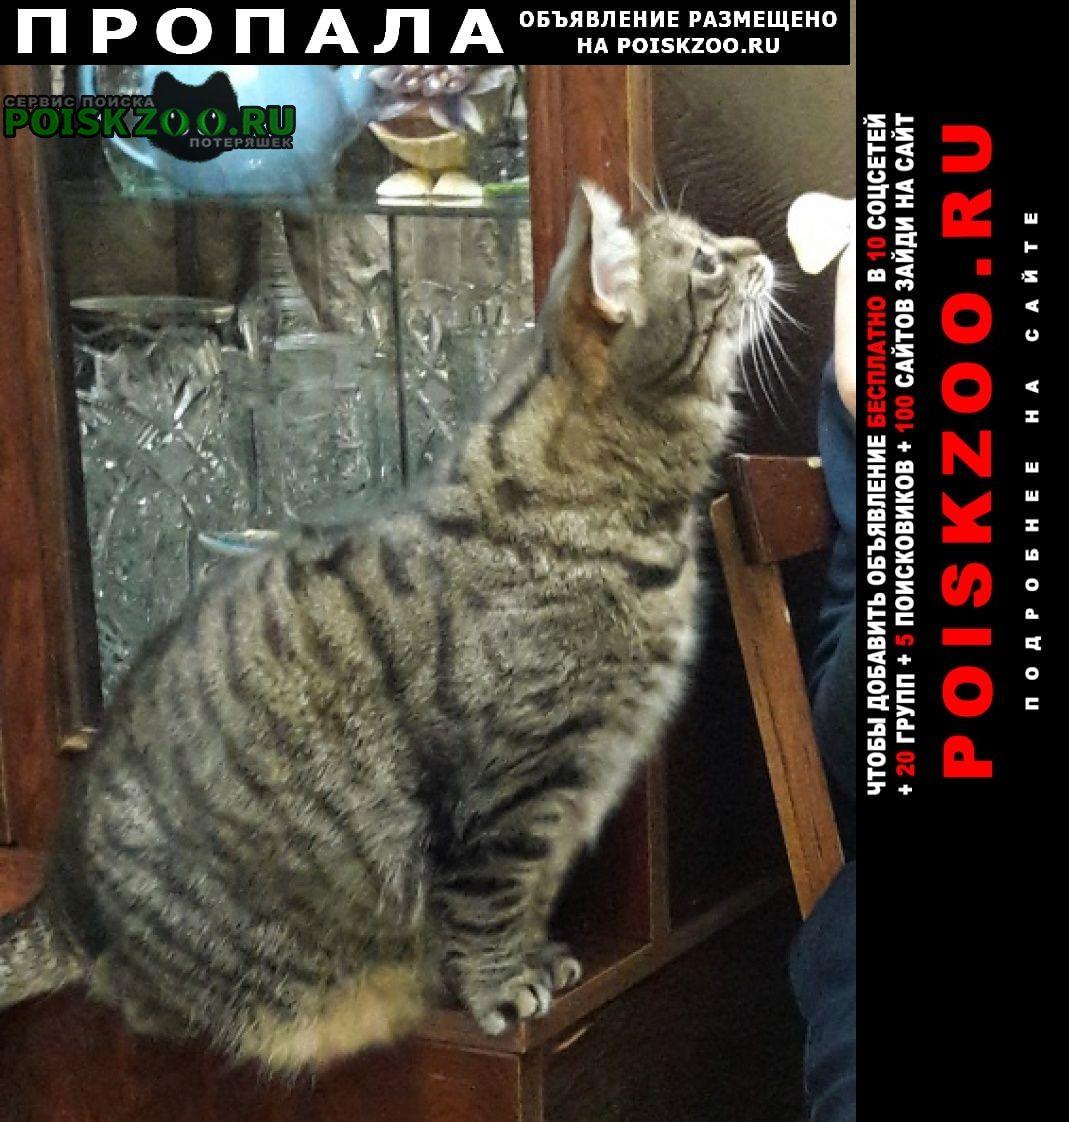 Санкт-Петербург Пропала кошка взрослая, толстенькая